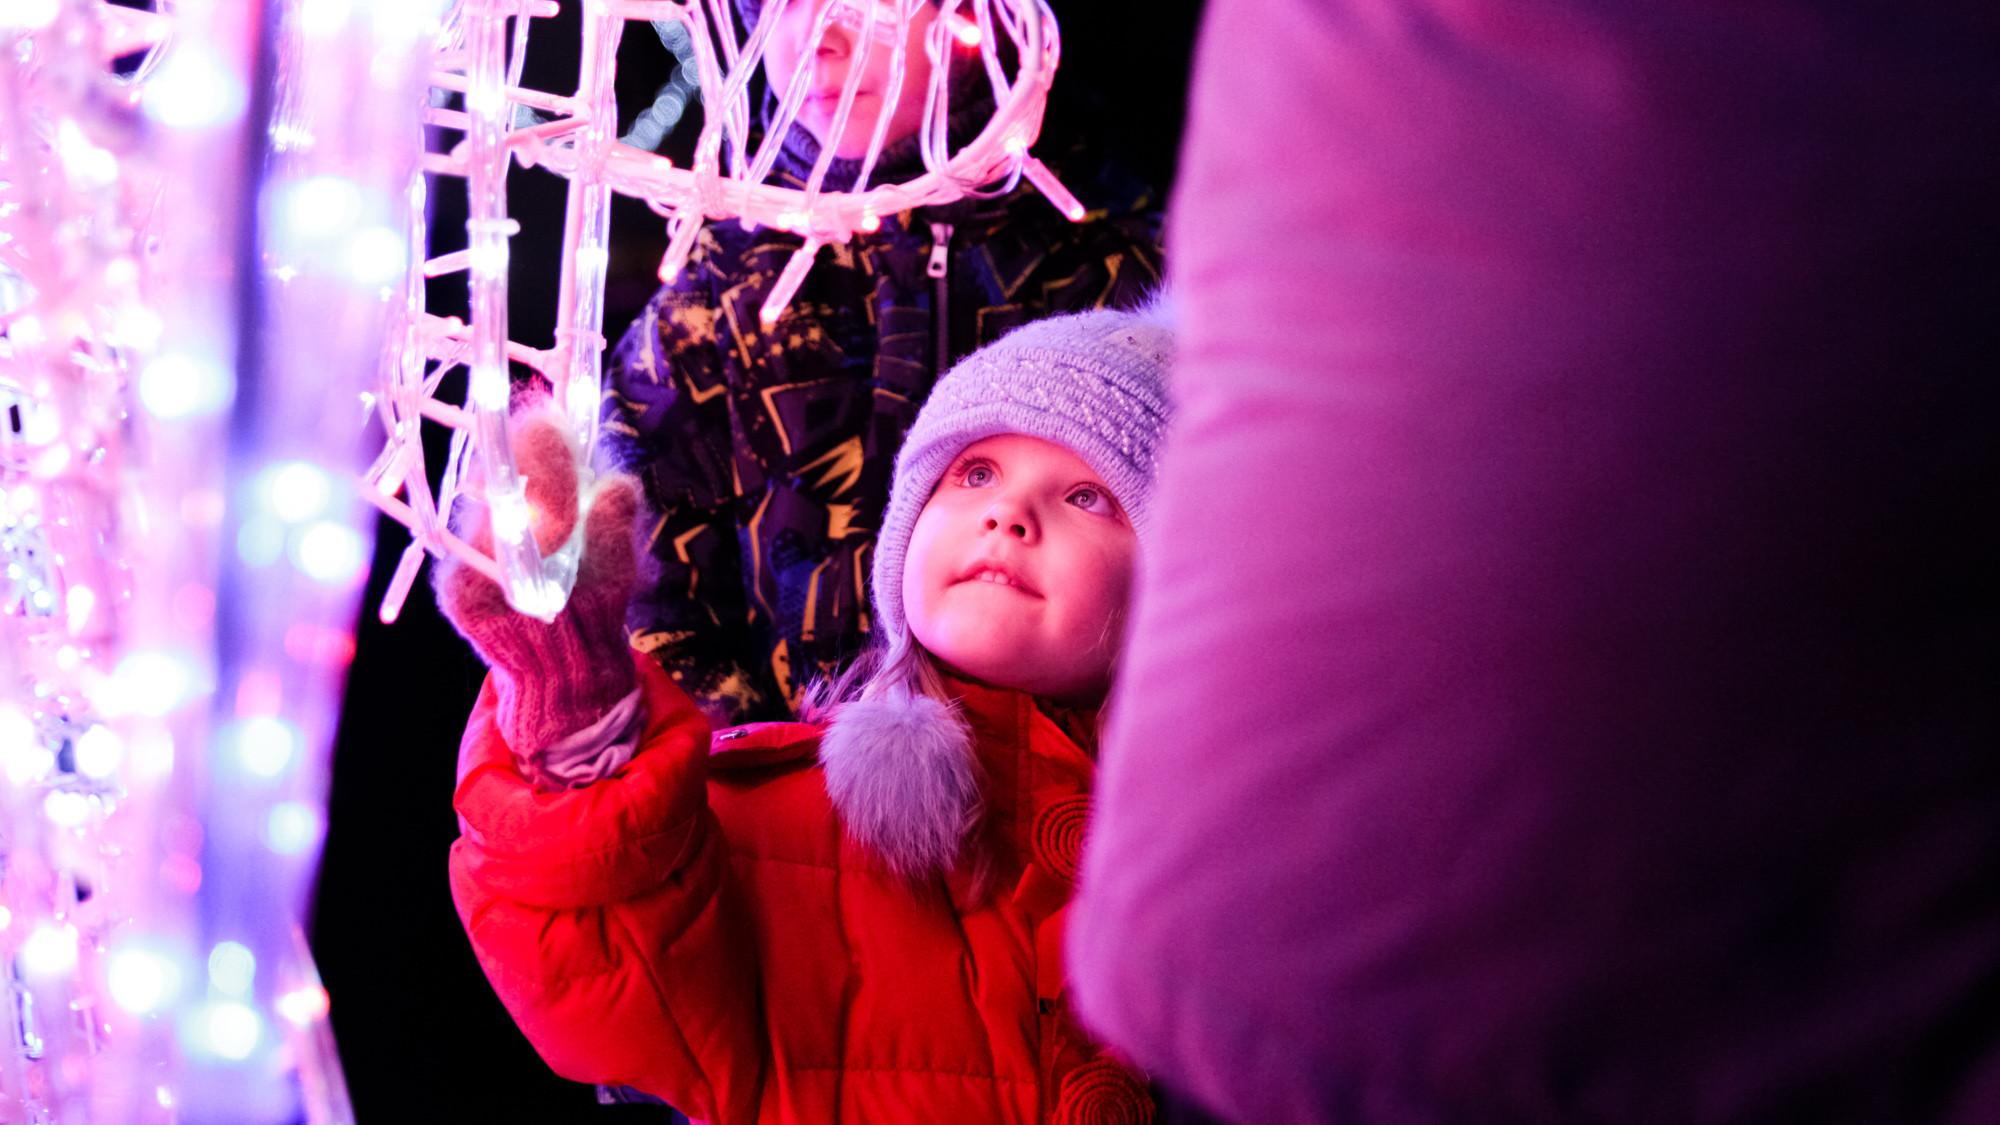 Жителям Московской области рассказали о новогодних мероприятиях «Зимы в Подмосковье»